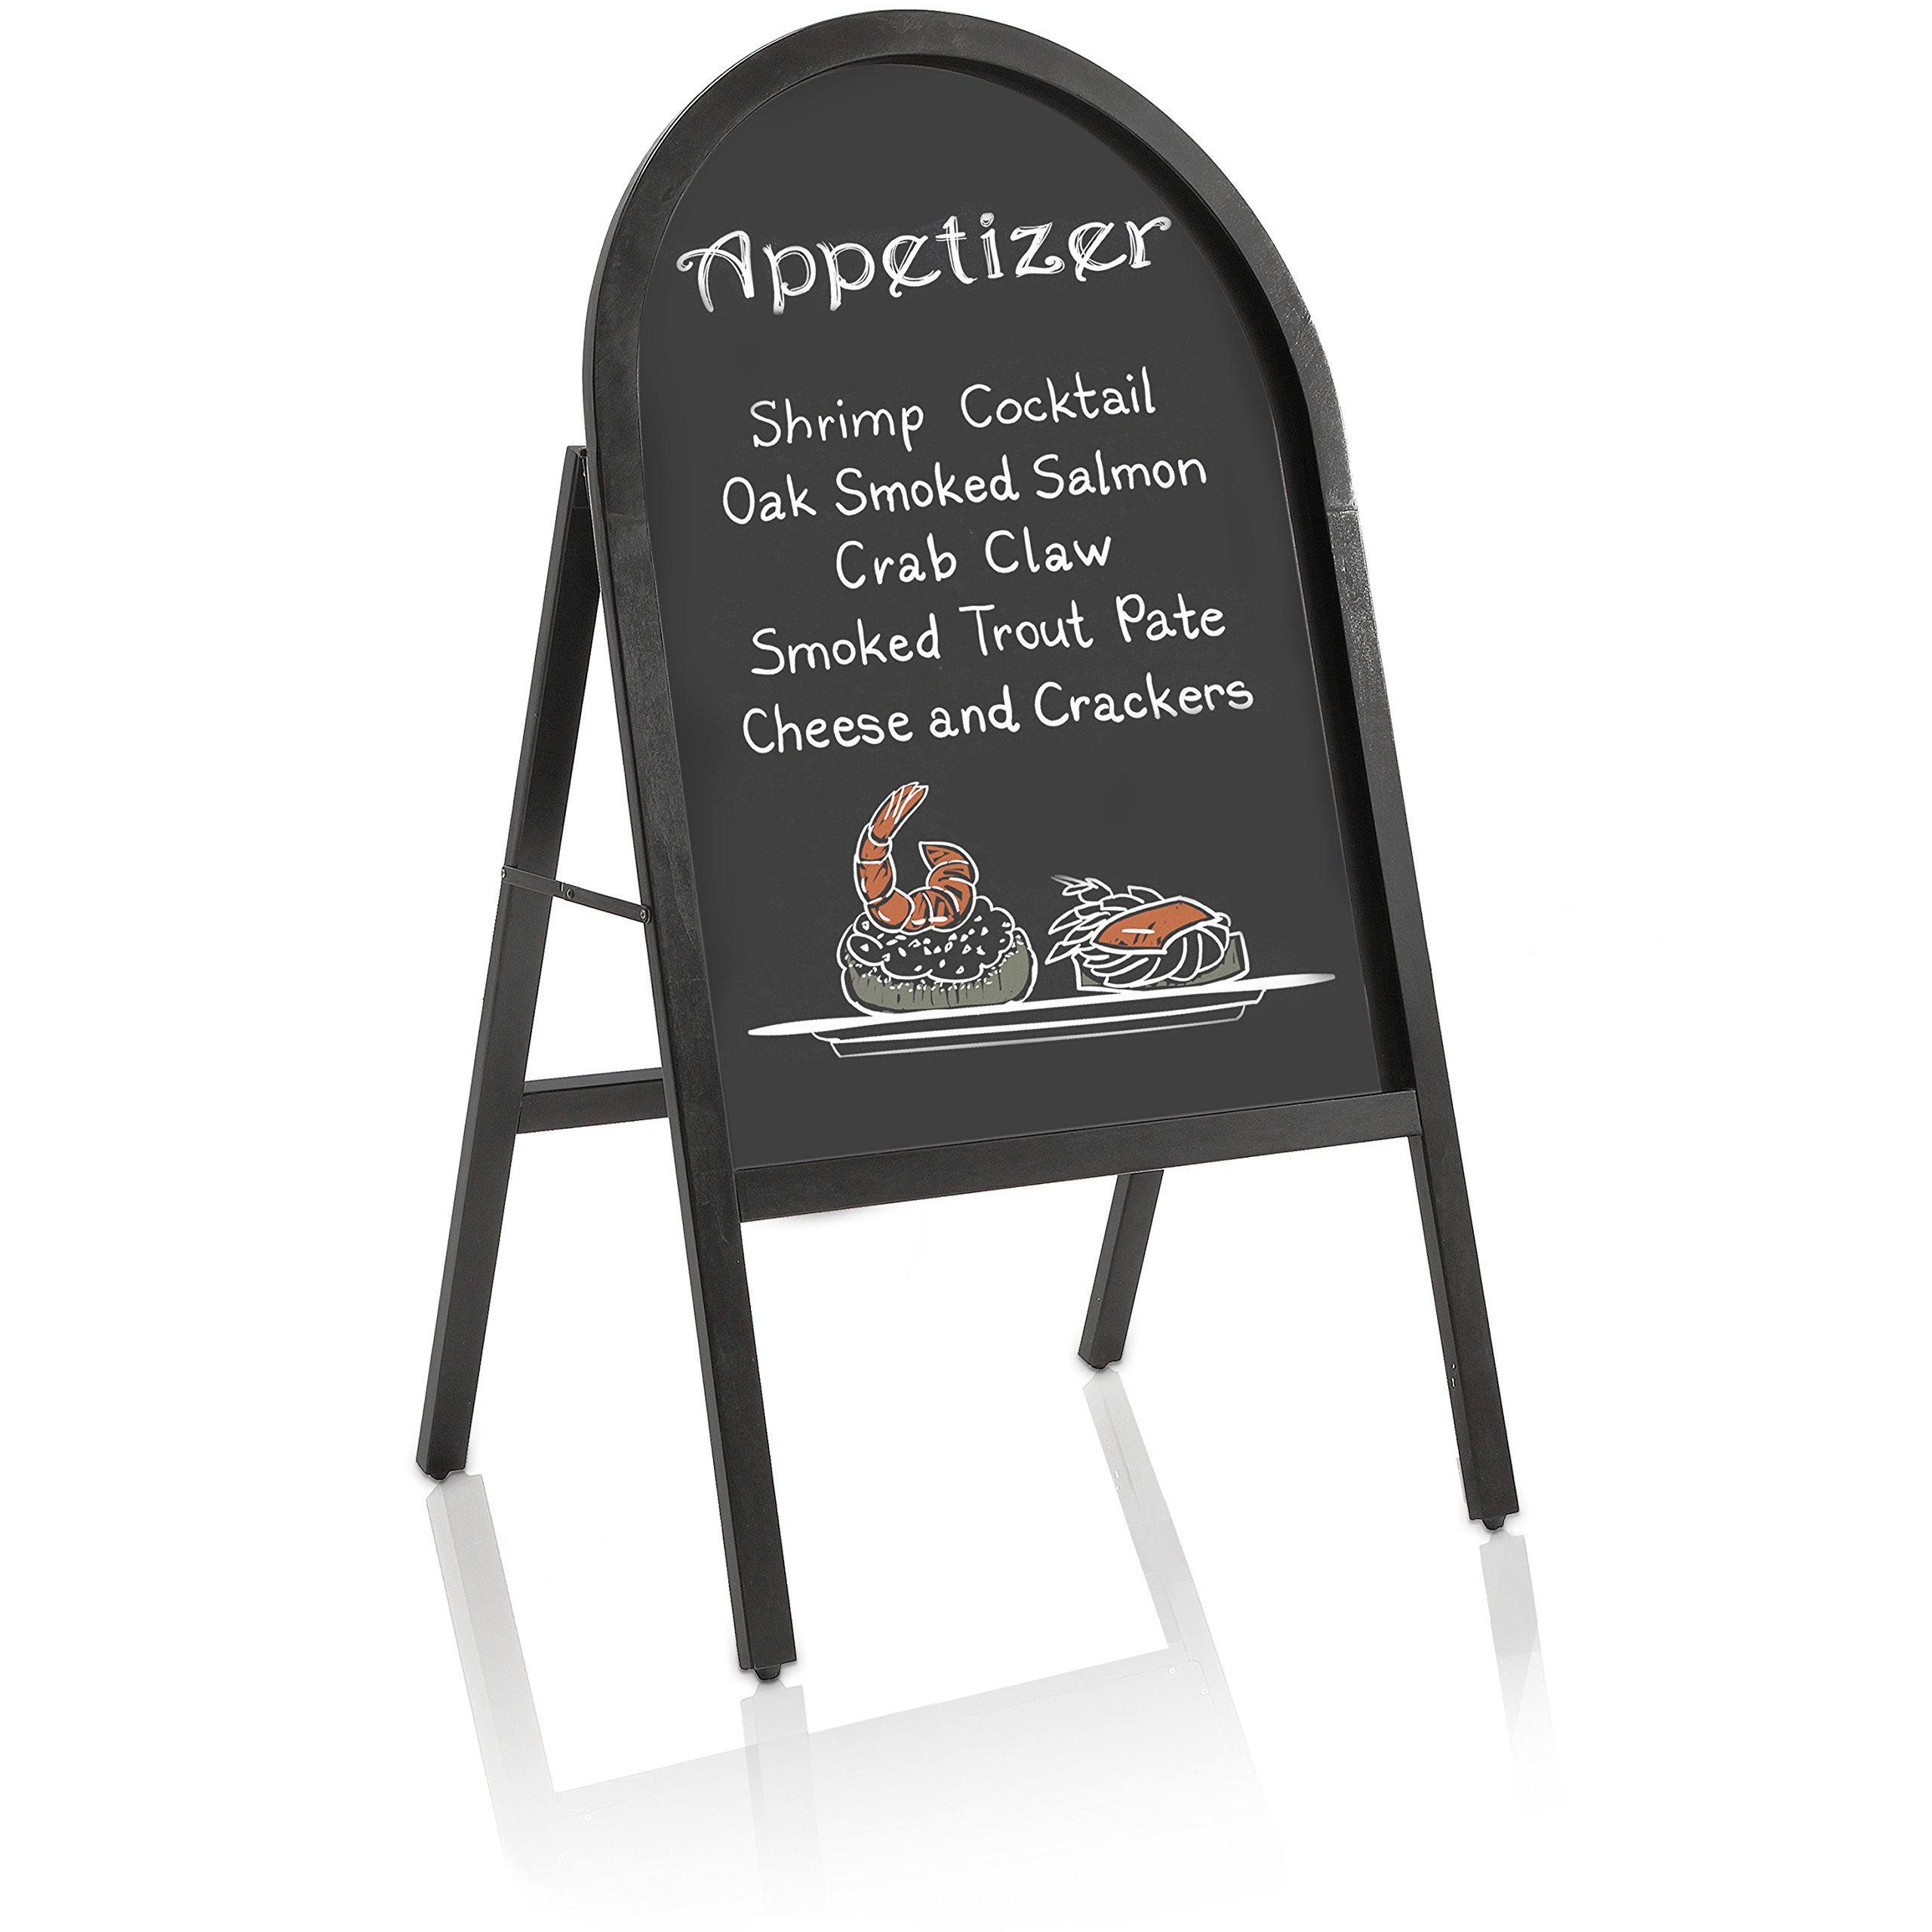 45-Inch Arched Frame Wood Heavy-Duty Sidewalk Chalkboard Easel/Free Standing Store Front Sandwich Board